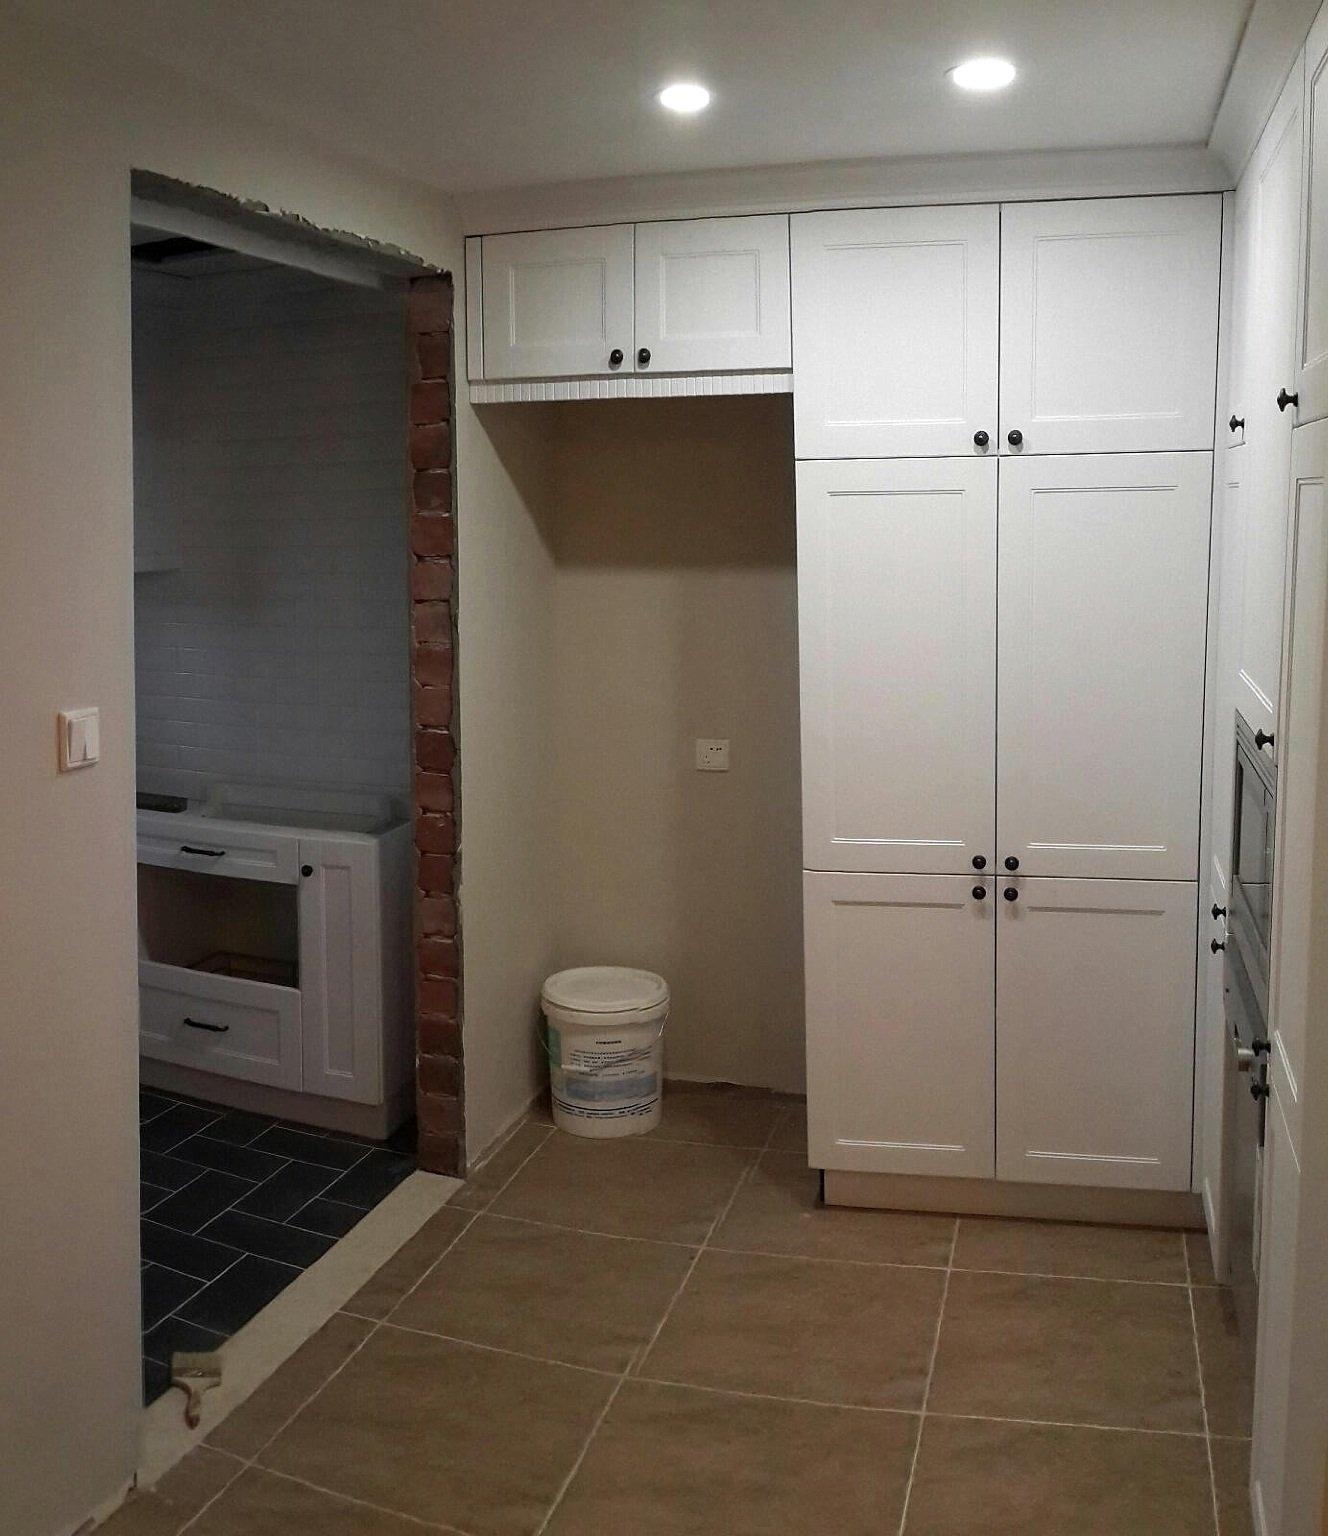 高柜连厨房图片